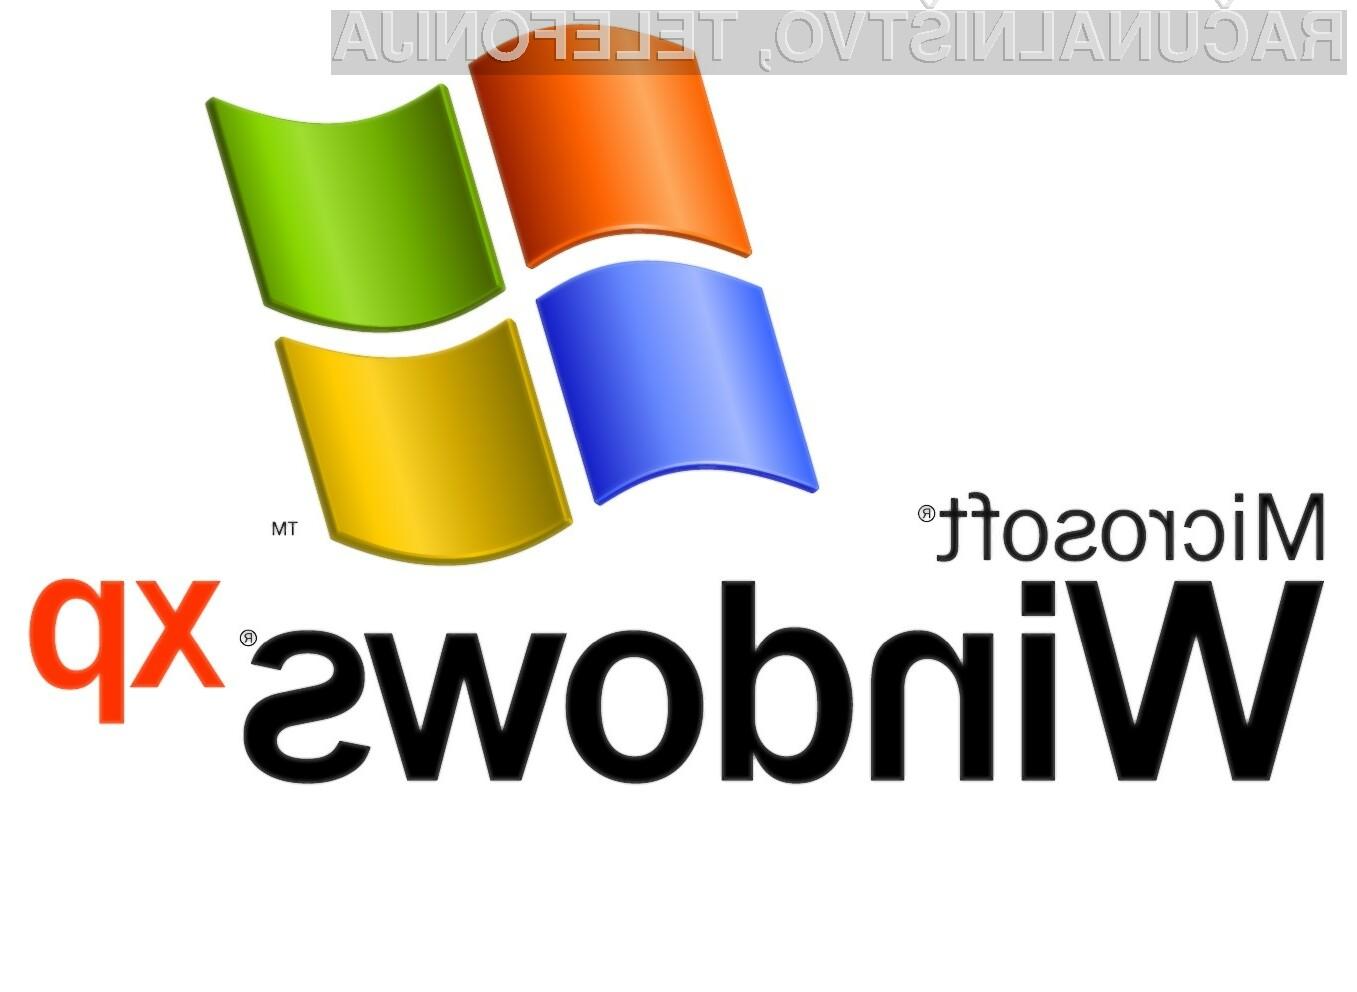 Operacijski sistem Windows XP že dalj časa ni več primeren za zanesljivo in varno delo.